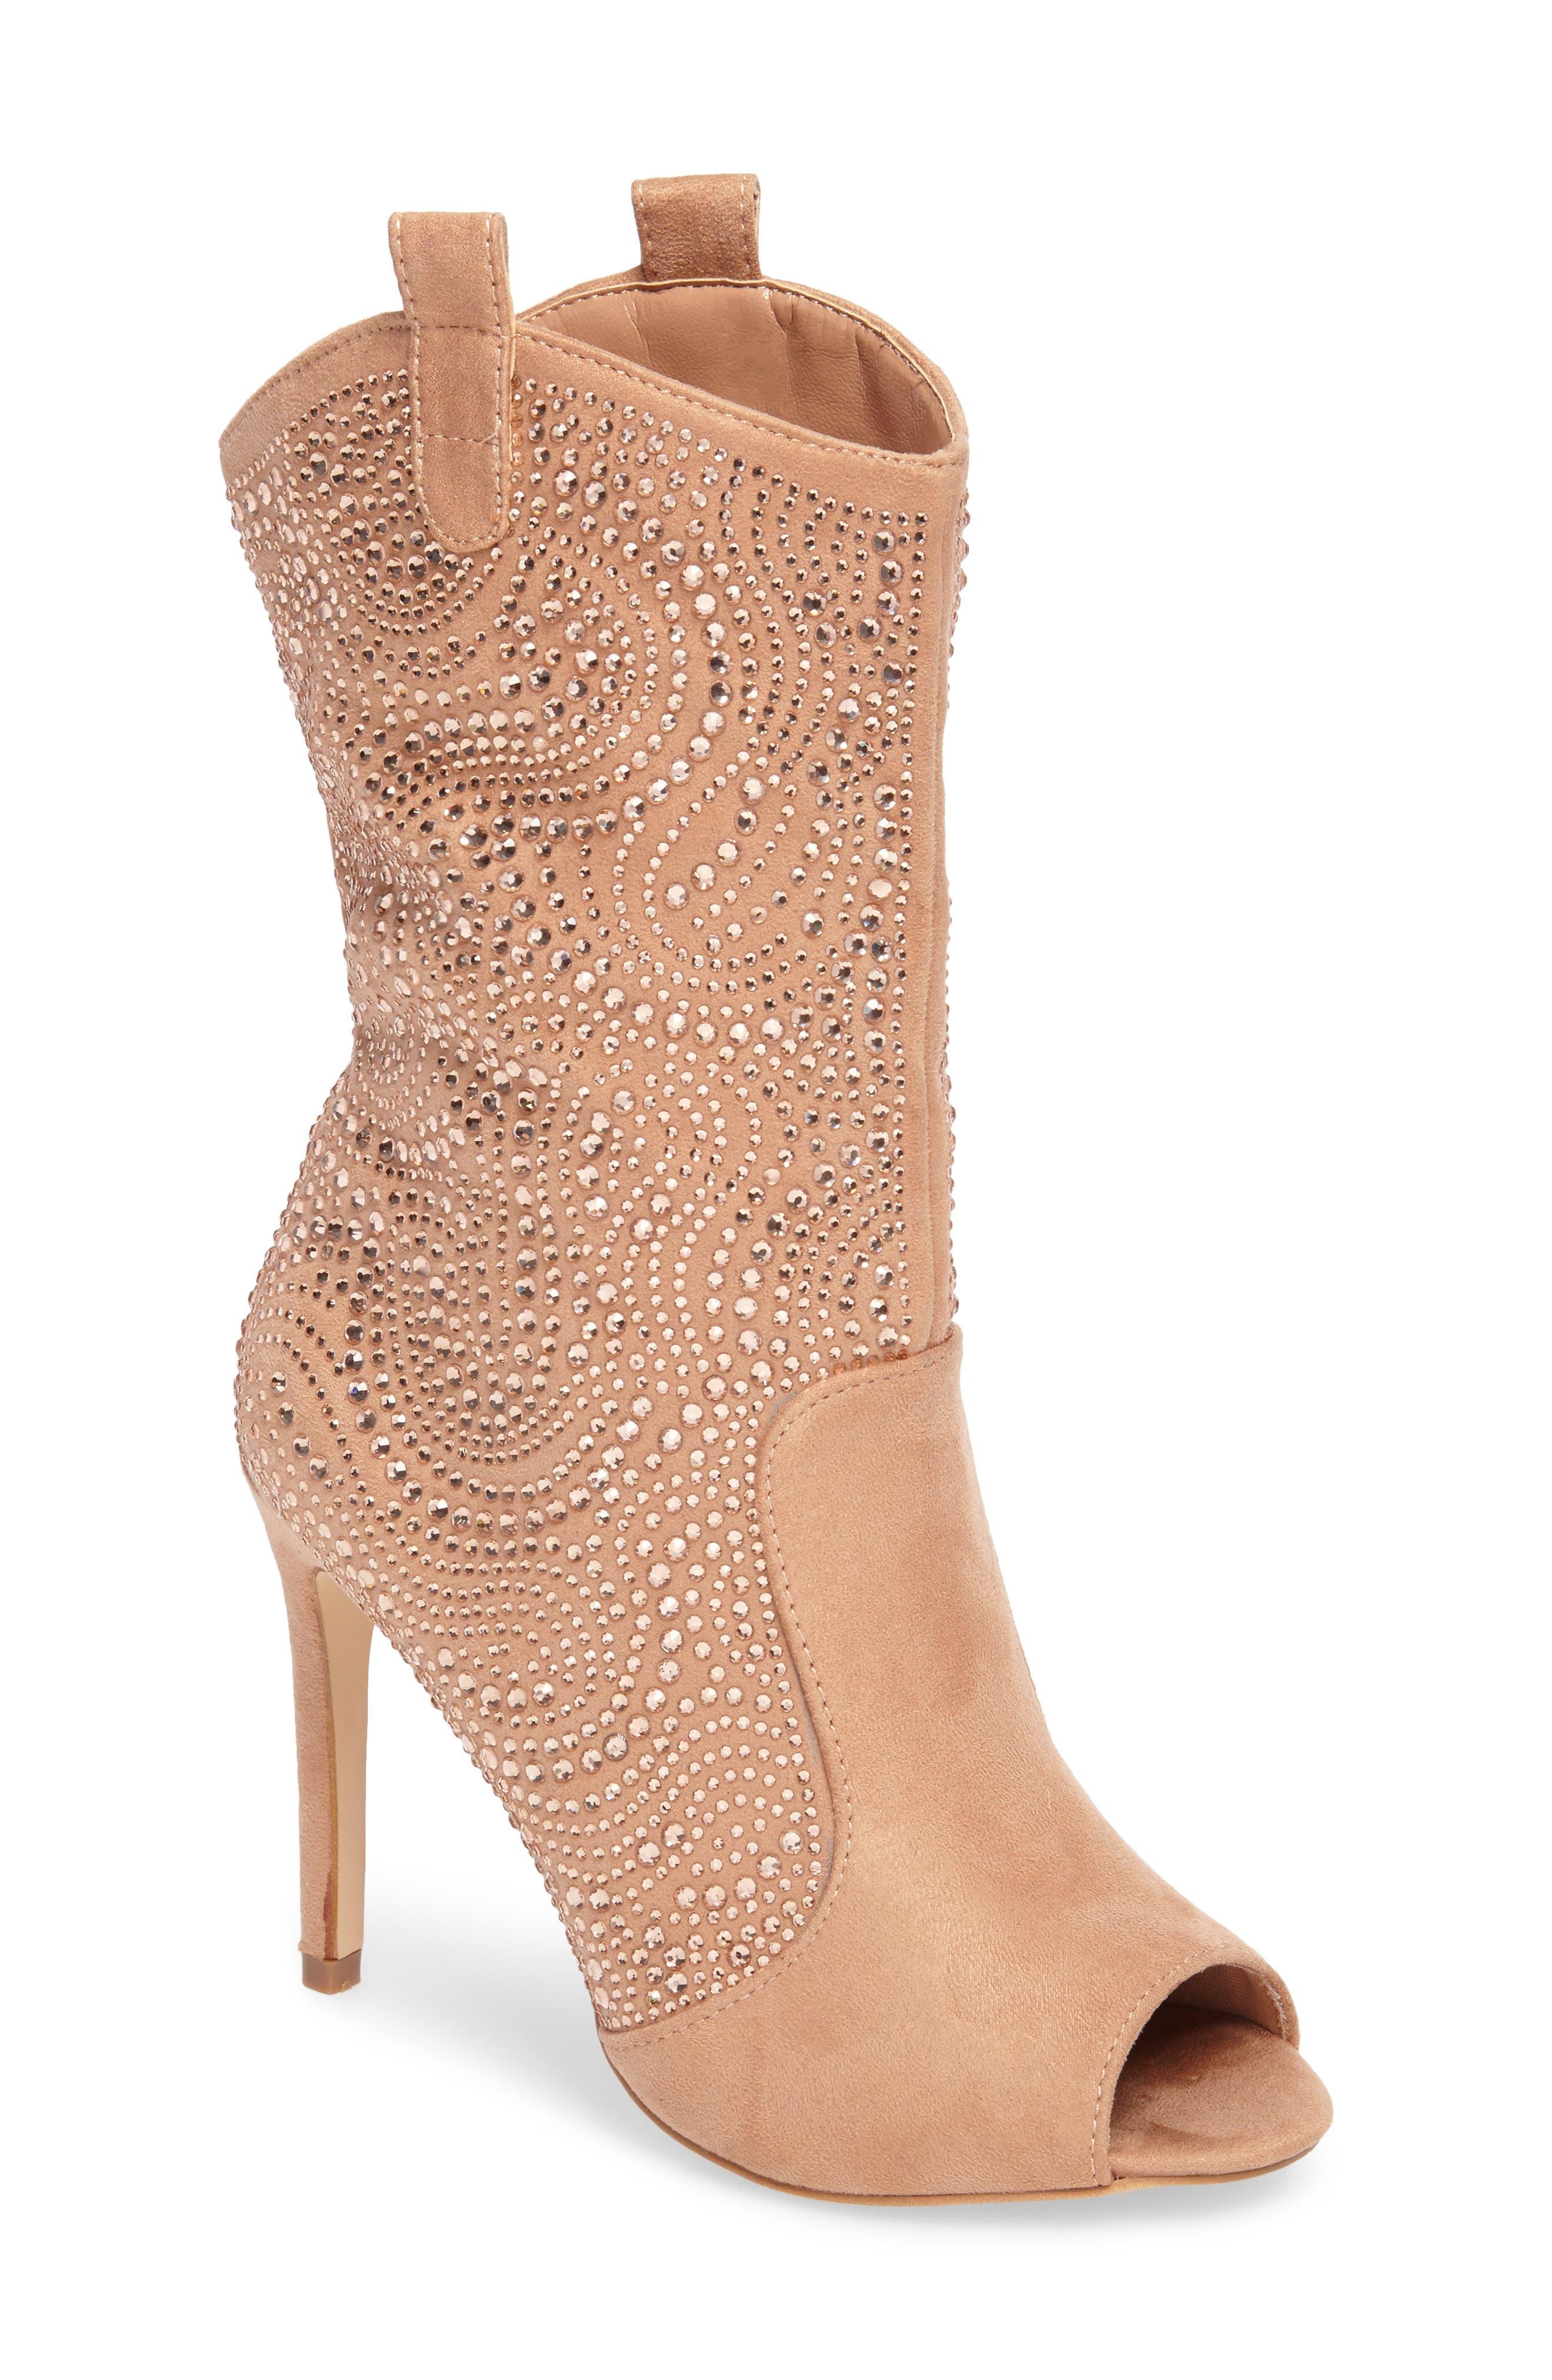 Lauren Lorraine Layla Peep Toe Embellished Boot T9wDpv